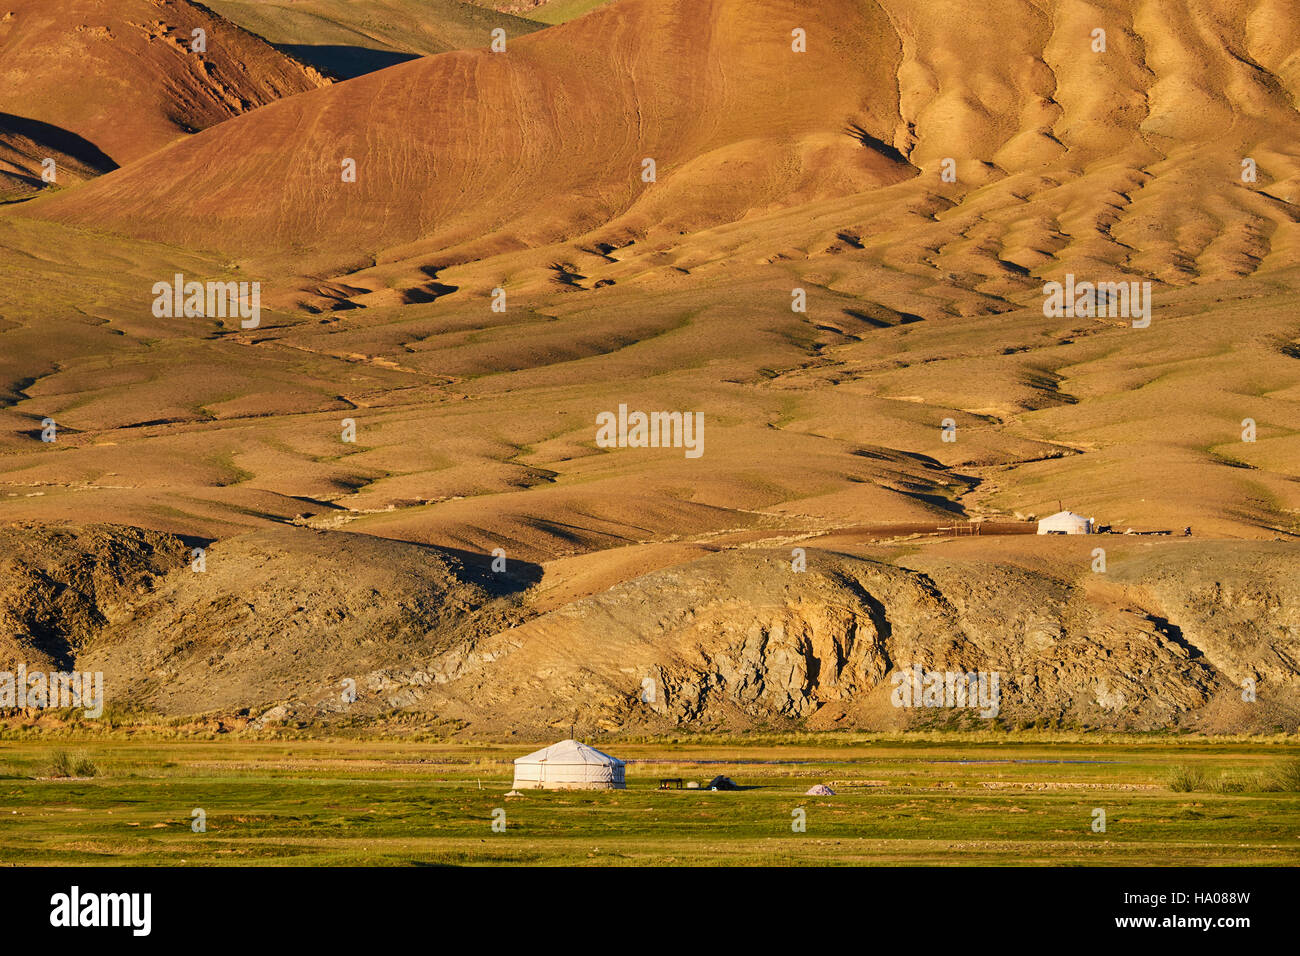 Mongolia, Bayan-Ulgii provincia, oeste de Mongolia, el color de las montañas de Altay, campamento nómada Imagen De Stock